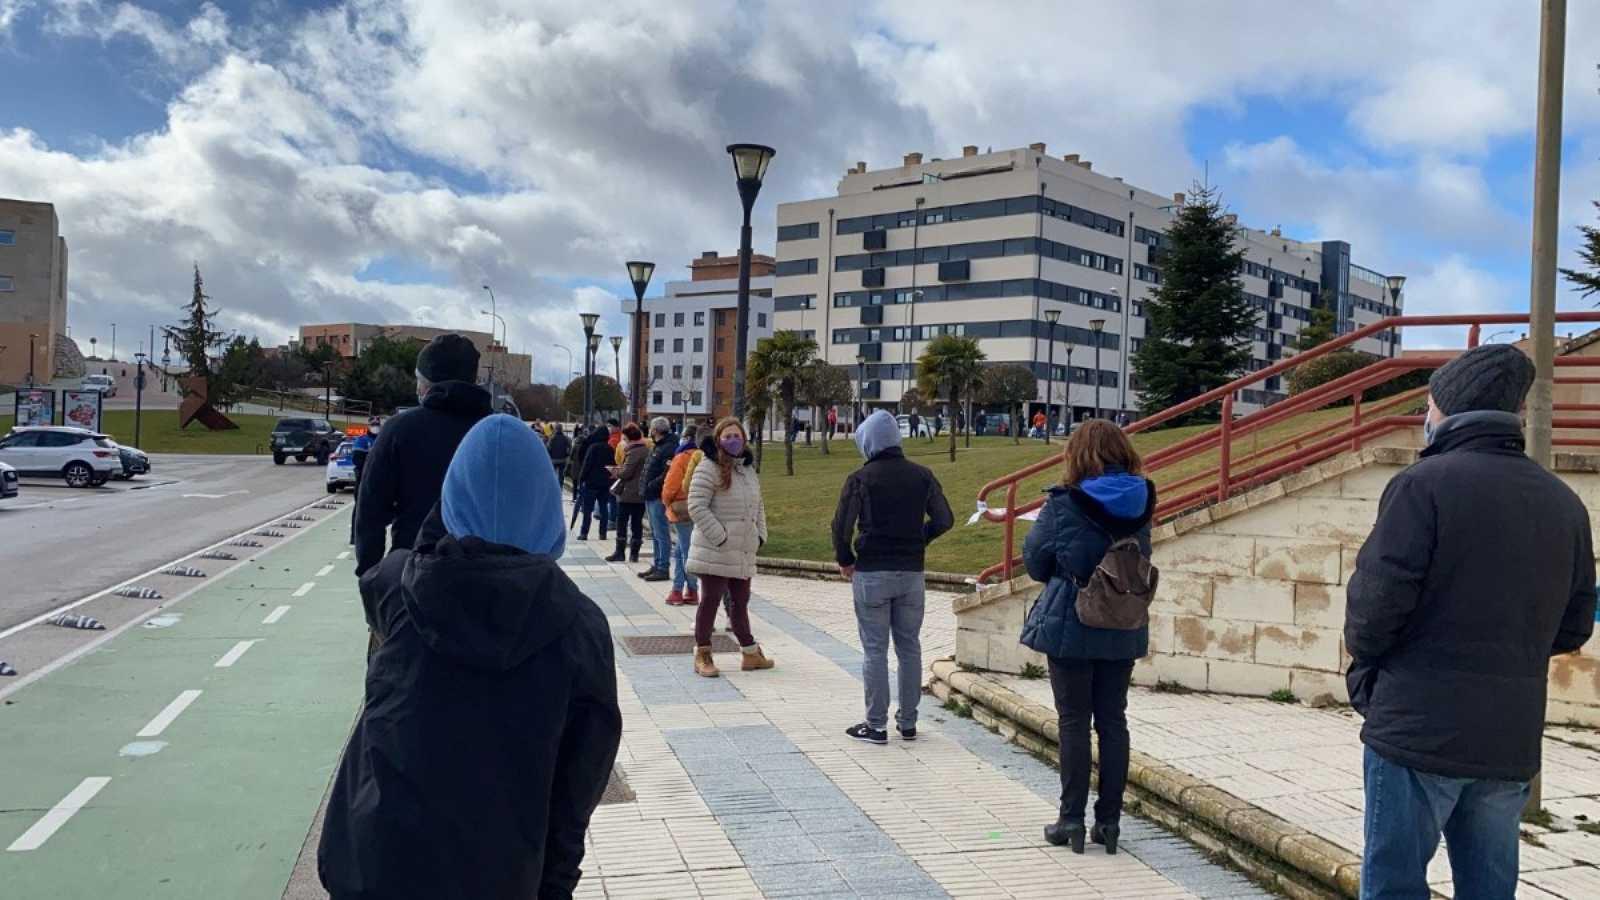 El pabellón Los Pajaritos de Soria acoge el cribado masivo que se desarrolla en la ciudad